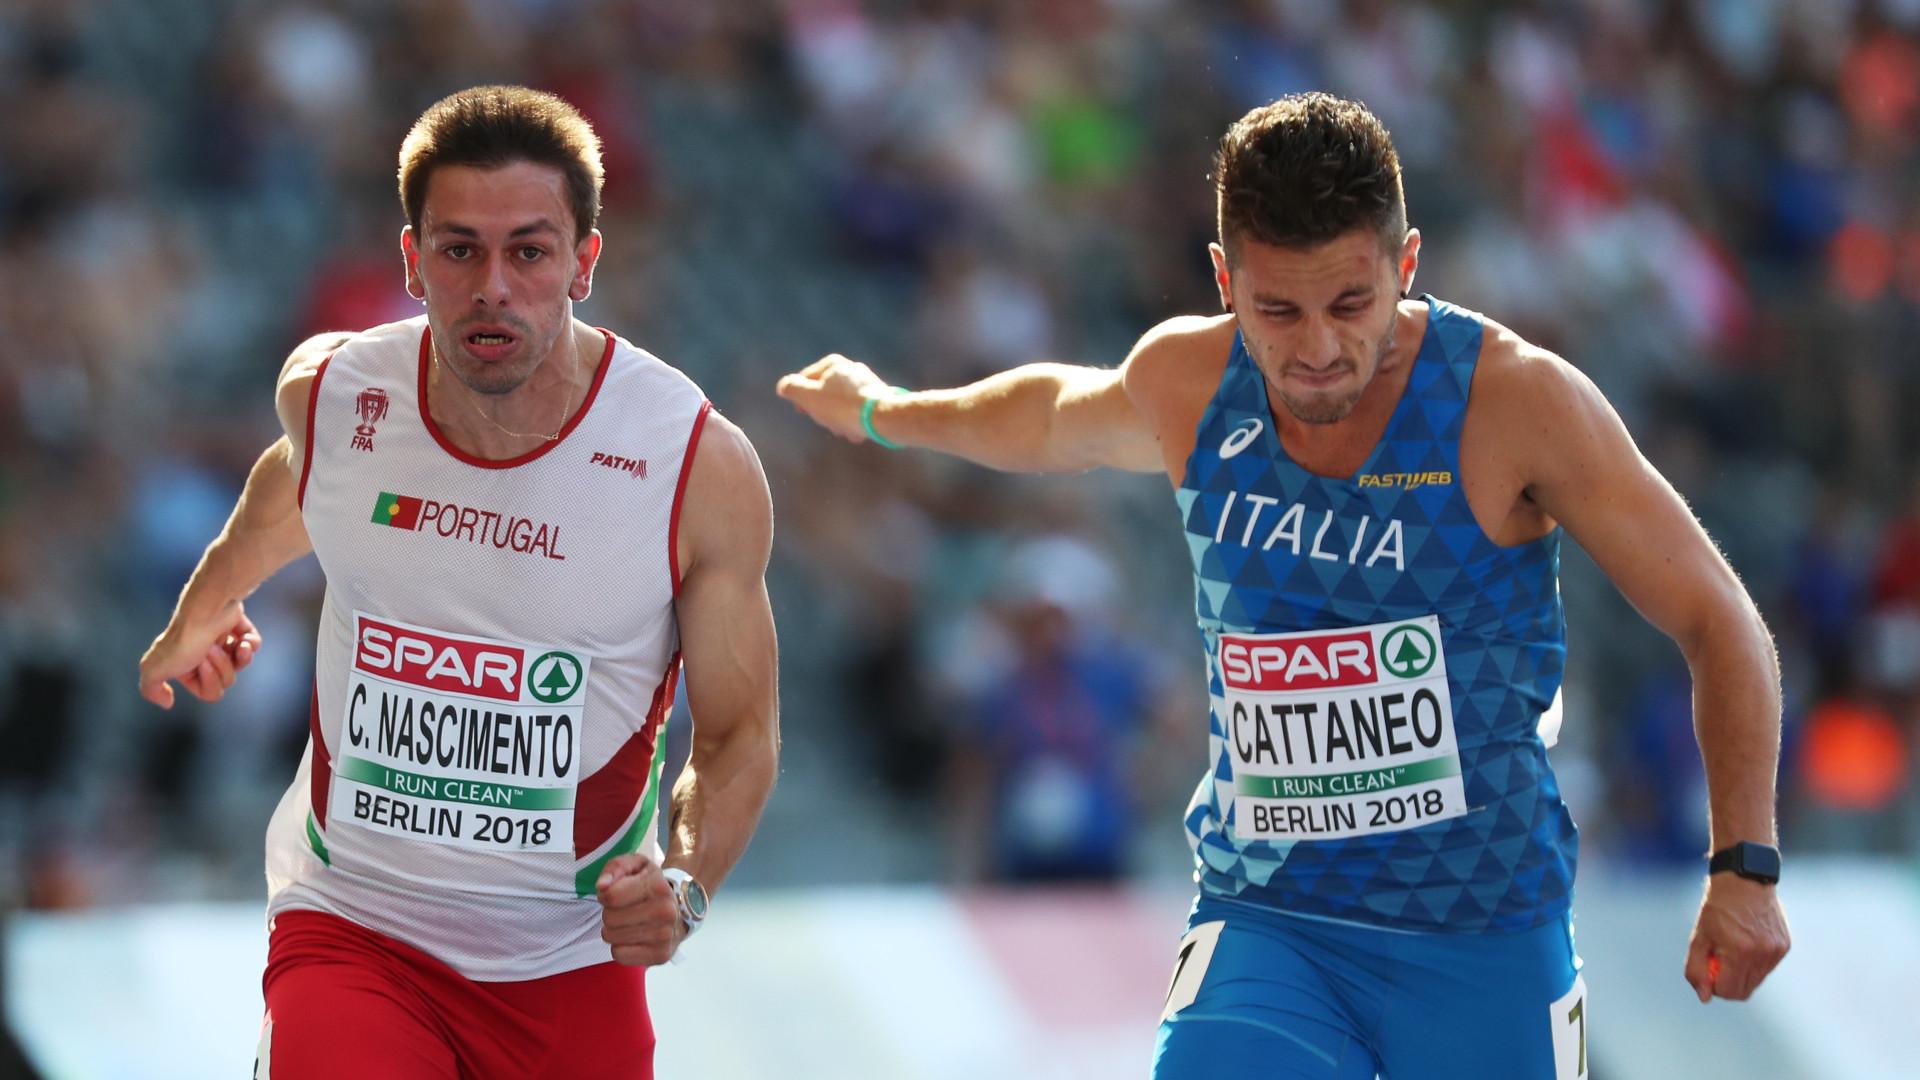 Estafeta de Portugal na final dos 4x100 metros dos Europeus